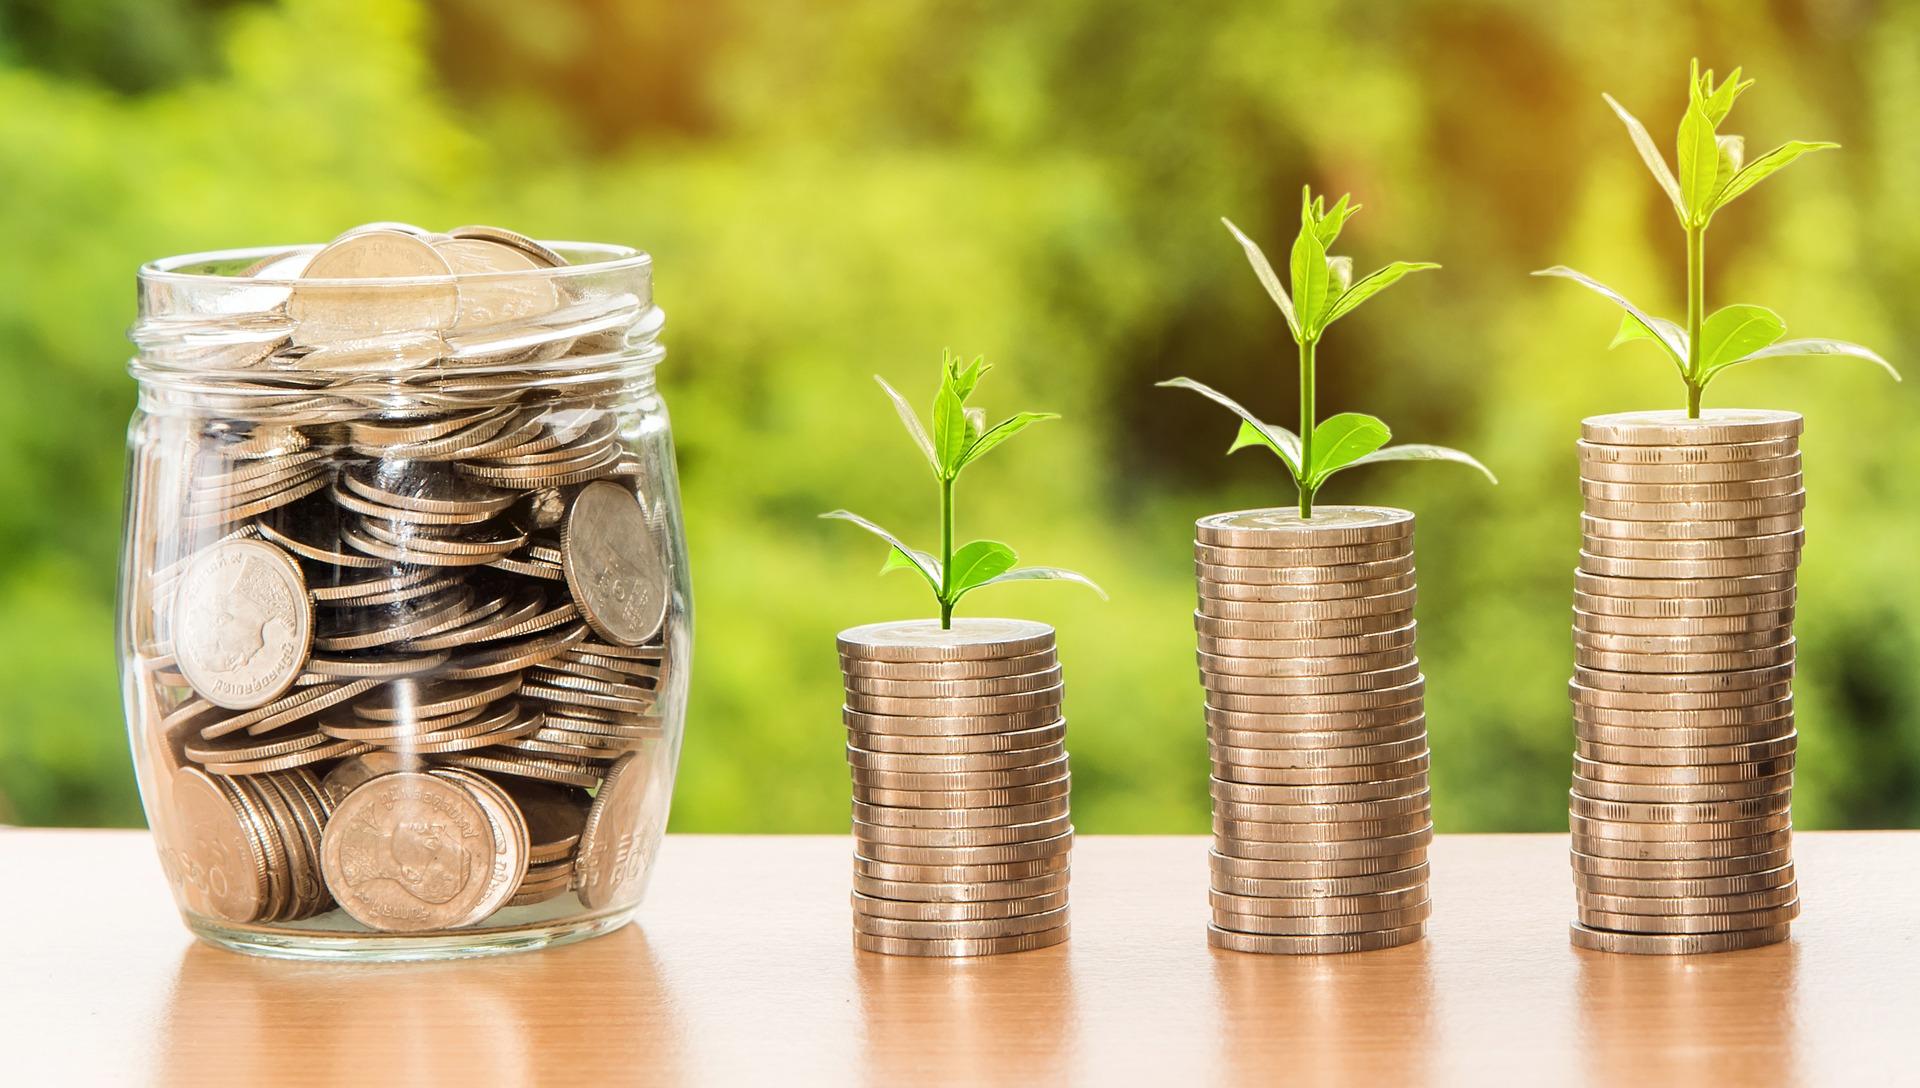 EXLIBRA - Что такое split payment? Для кого является обязательным механизм разделенной оплаты?